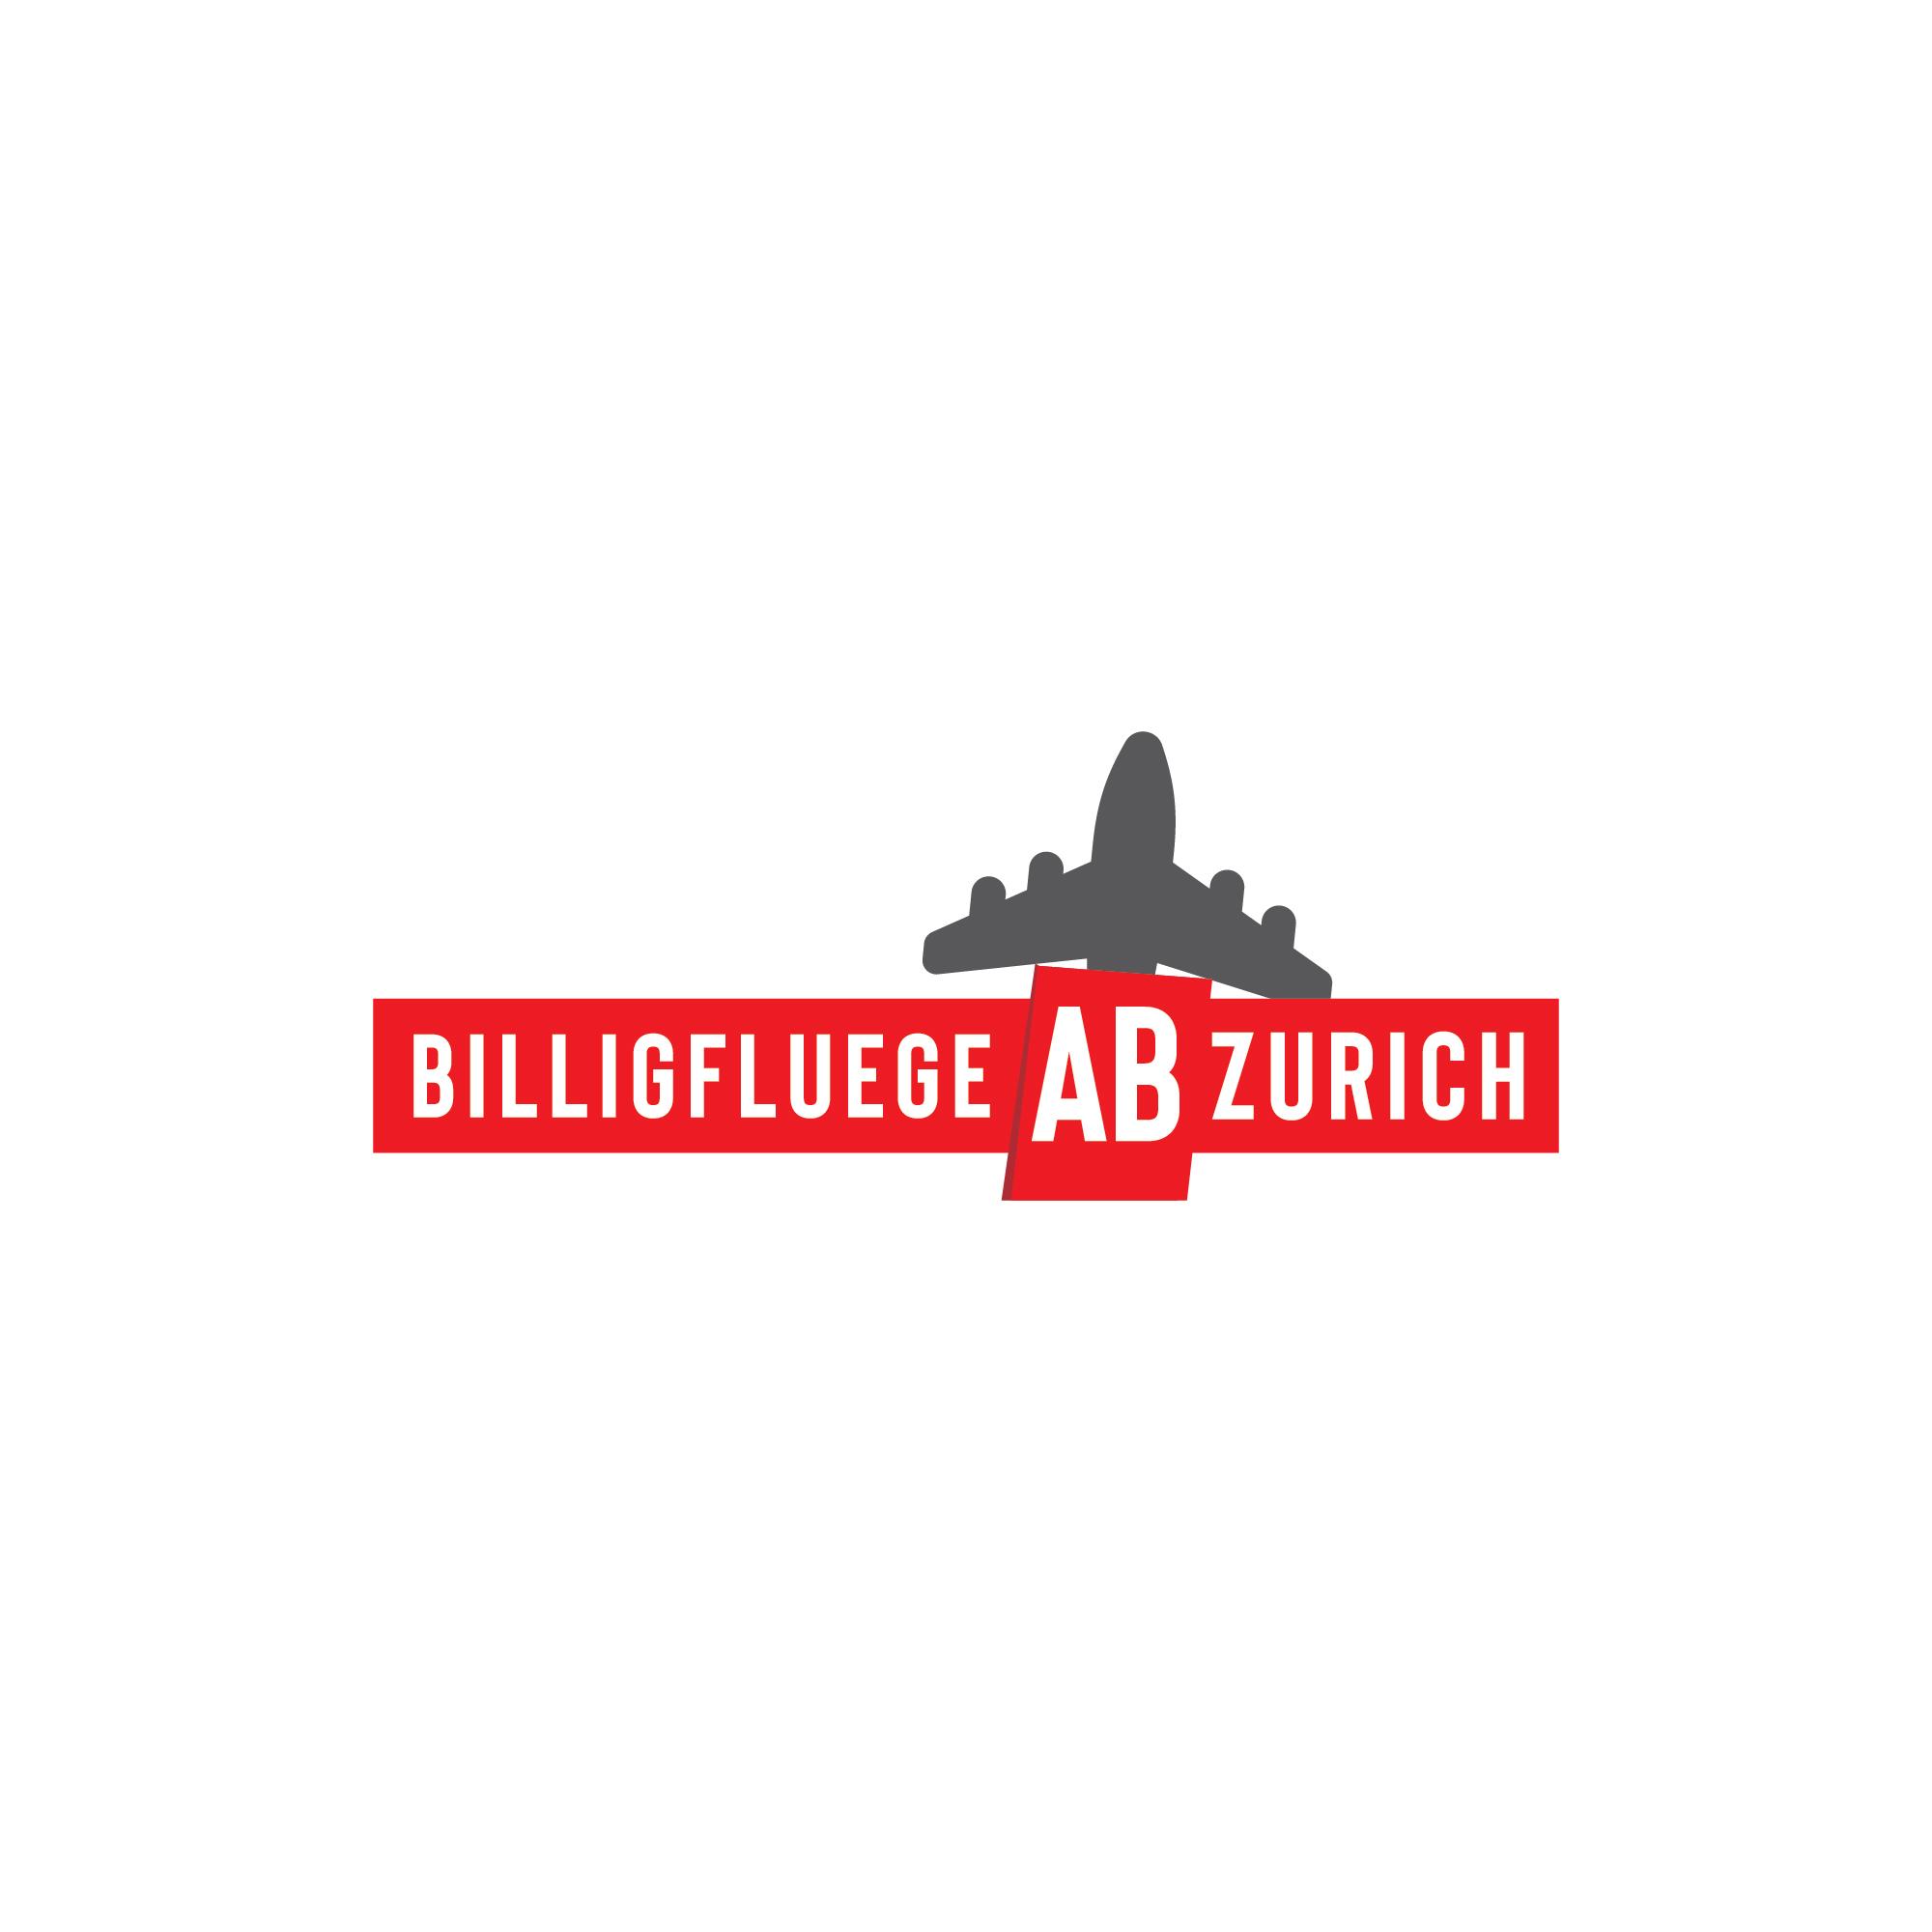 Billigflüge| Günstige Flüge & Flugtickets Buchen| billig flüge.ch